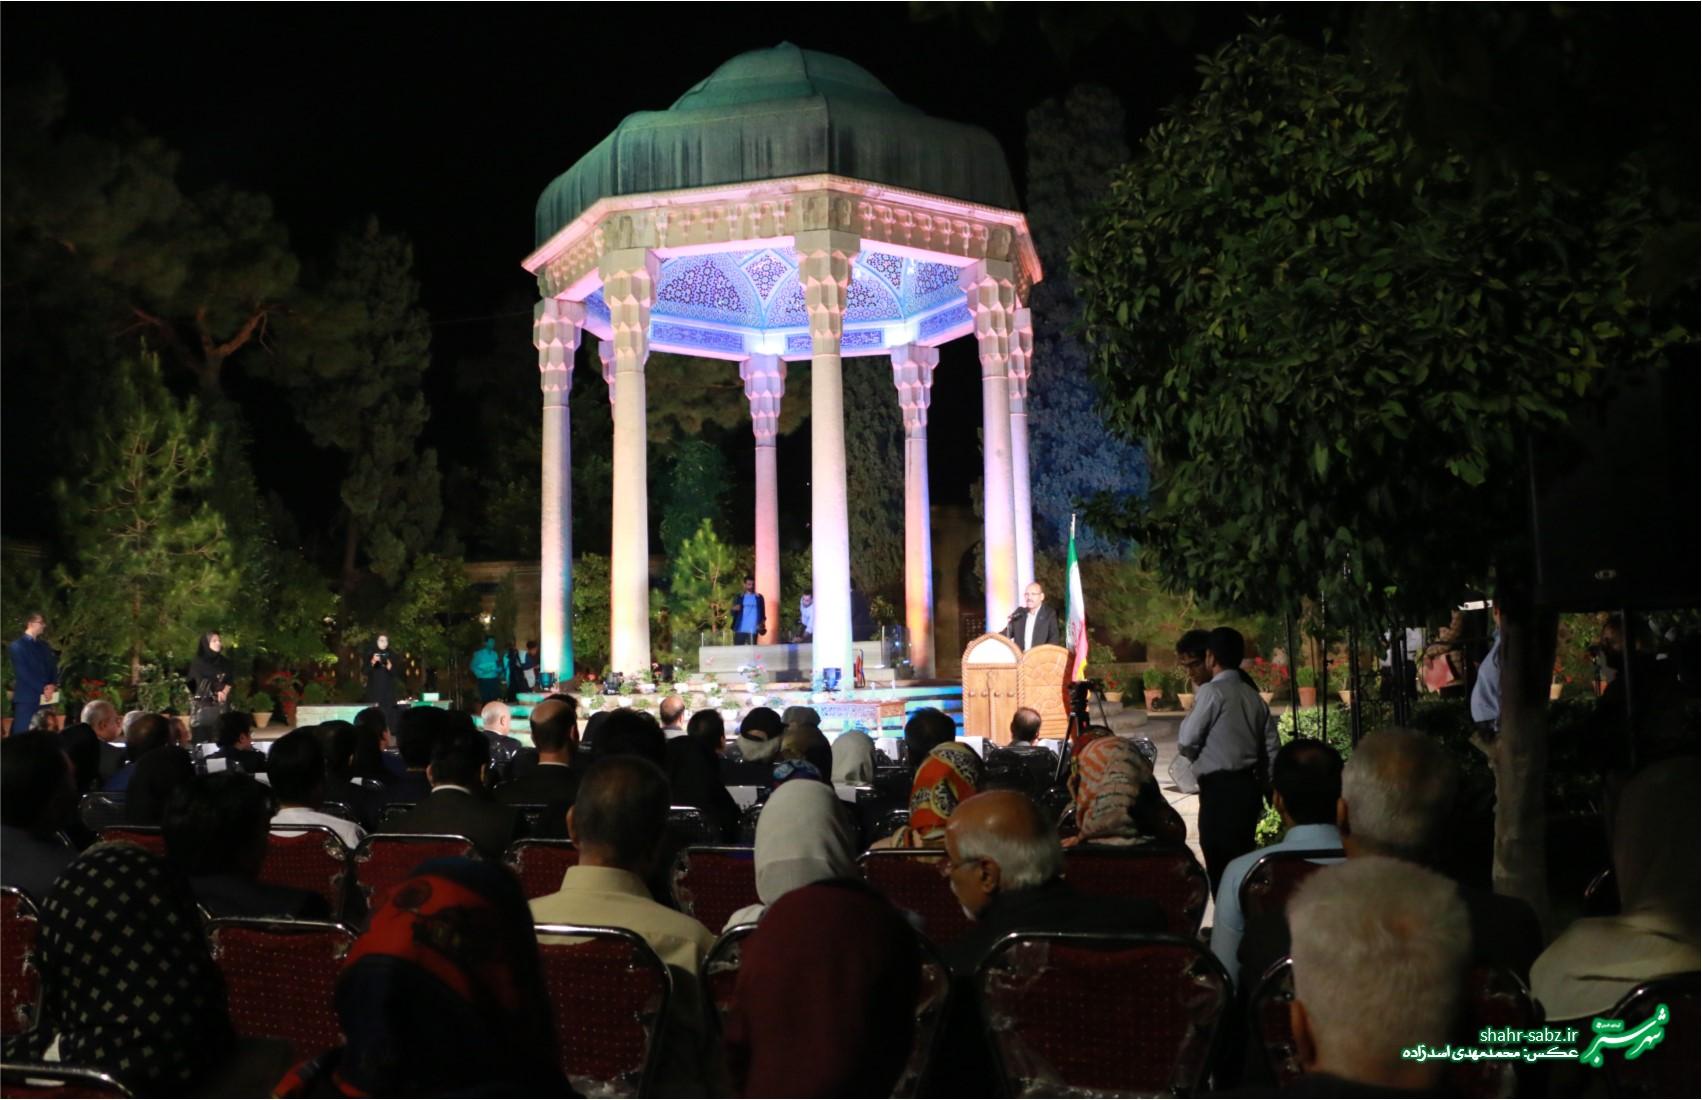 برگزاری آیین بزرگداشت یادروز حافظ